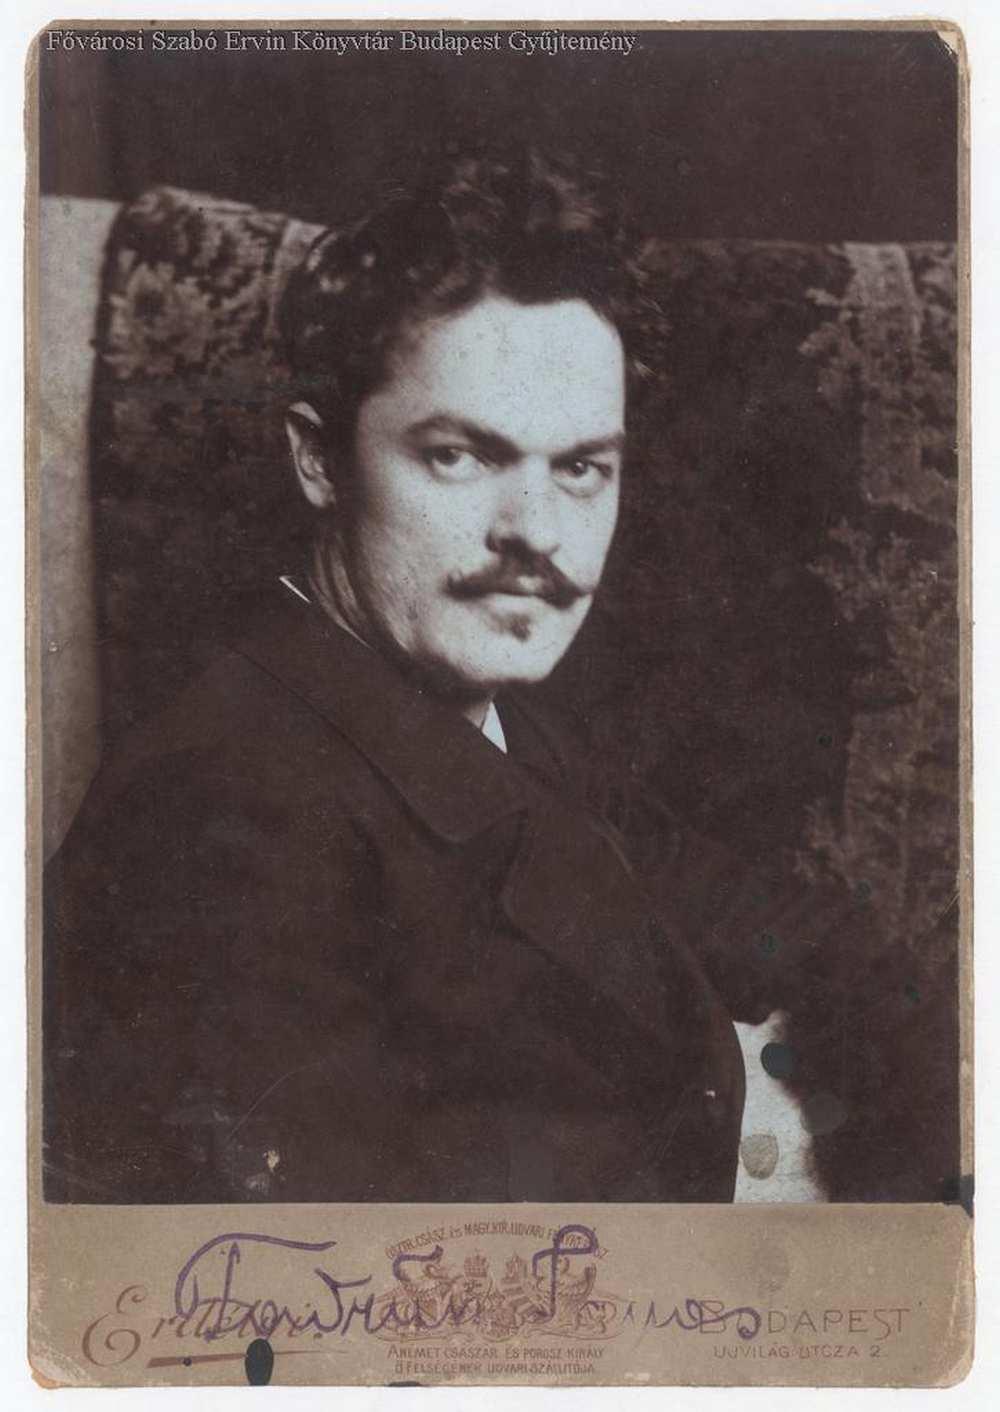 Fadrusz János szobrászművész portréja. Budapest Képarchívum, Fővárosi Szabó Ervin Könyvtár, 040005